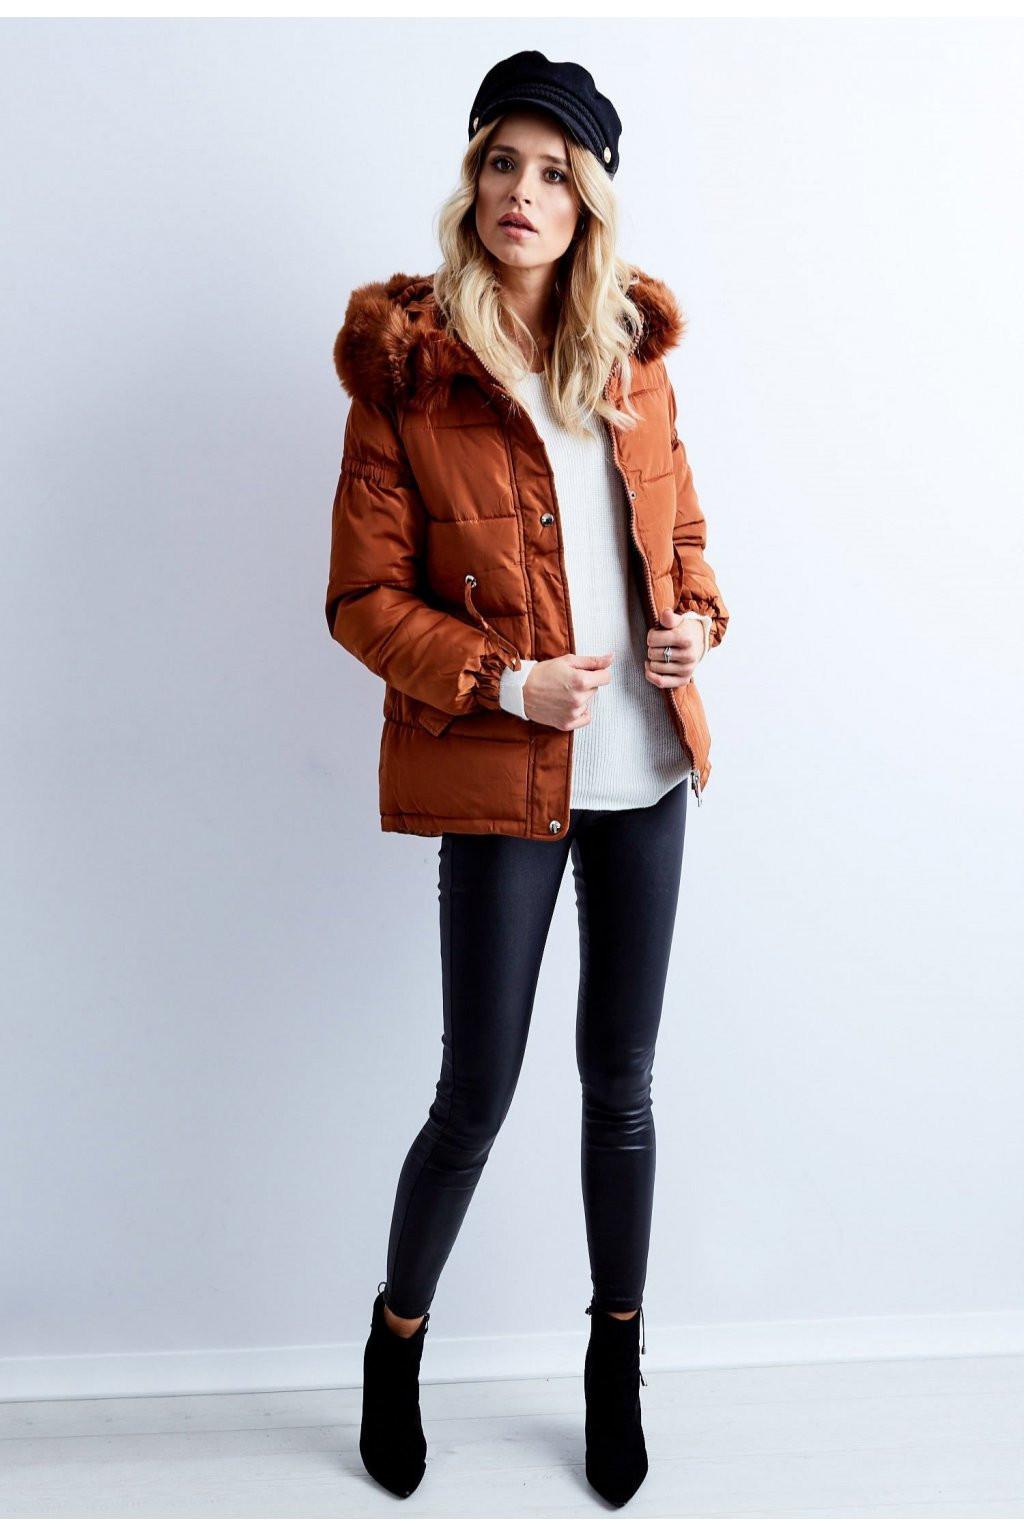 Dámska prešívaná zimná bunda bx4195 - FPrice hnedá XXL